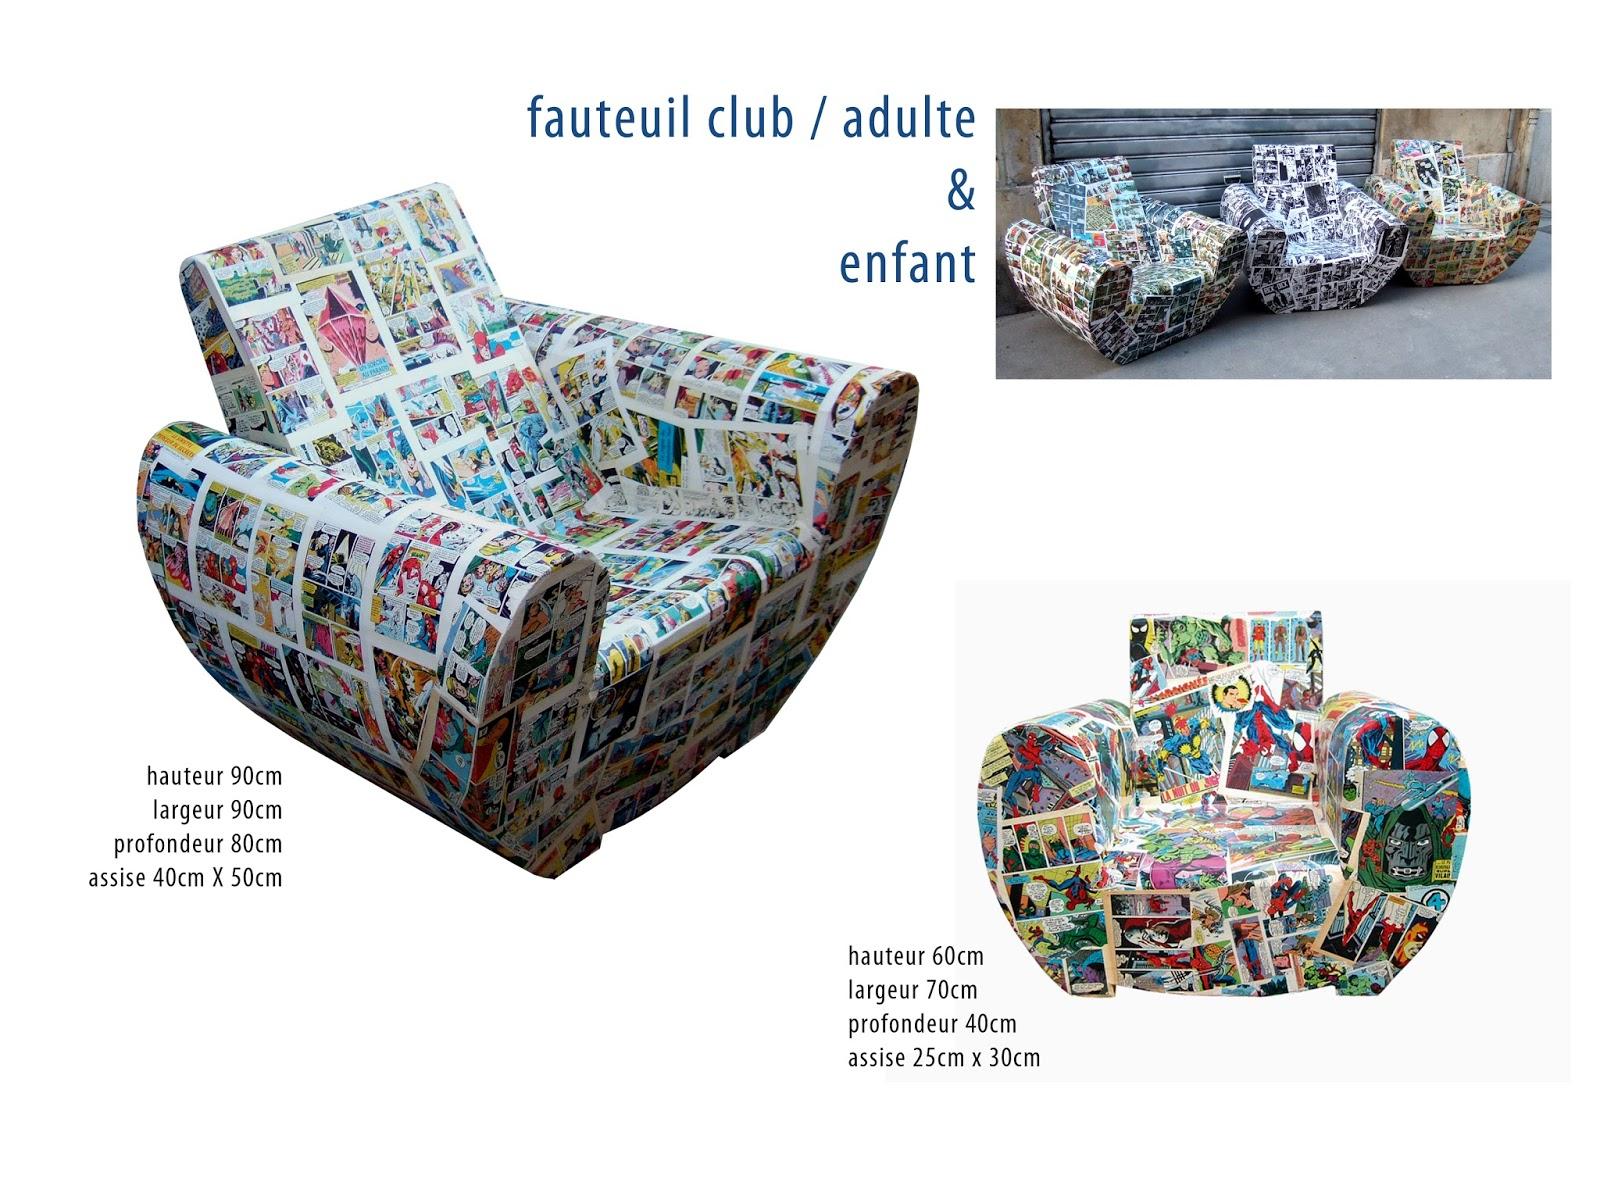 fauteuil club en carton design. marouflage bande dessinée. DC comics. création en carton sur mesure. fabriqué à marseille par juliadesign